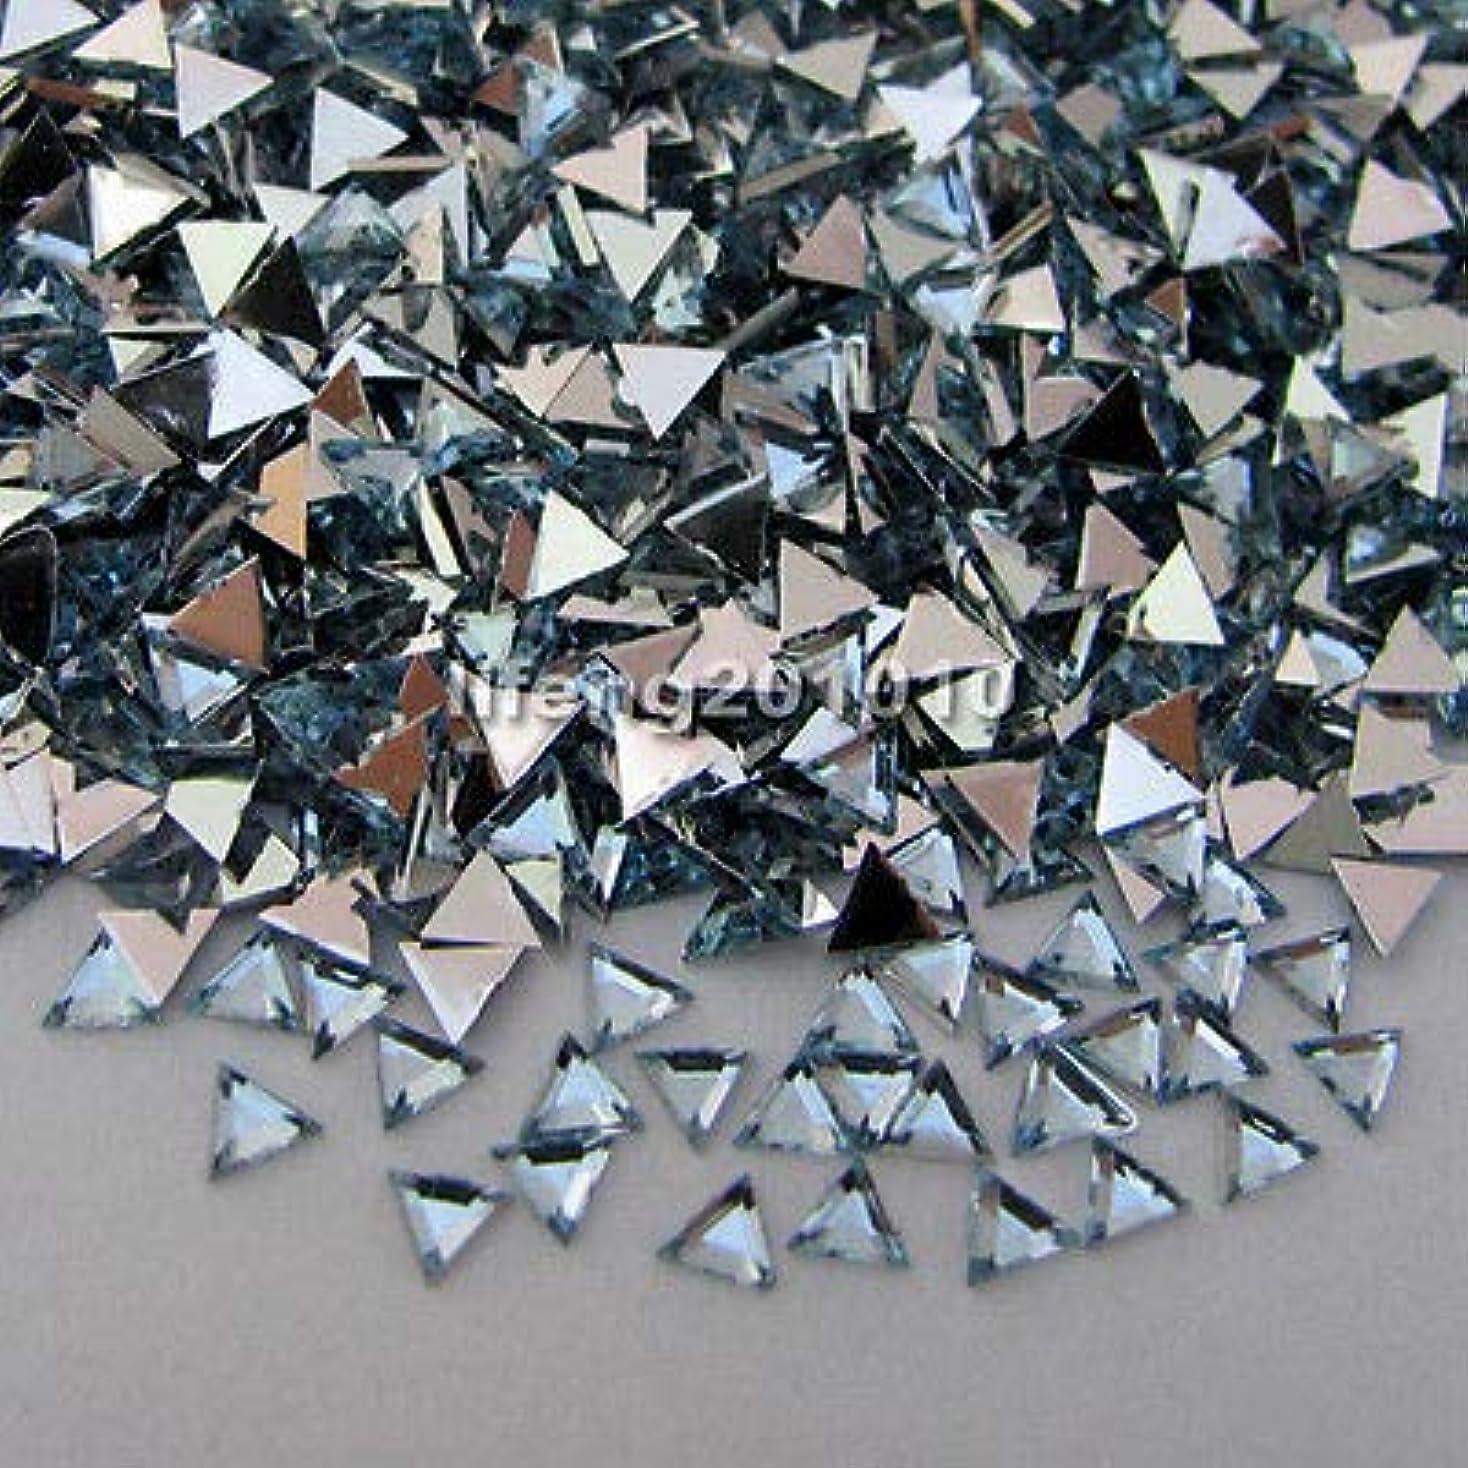 フレア権限を与える廃止するFidgetGear 10000ピーストライアングル3Dアクリルネイルアートデコレーションフラットバックラインストーン宝石